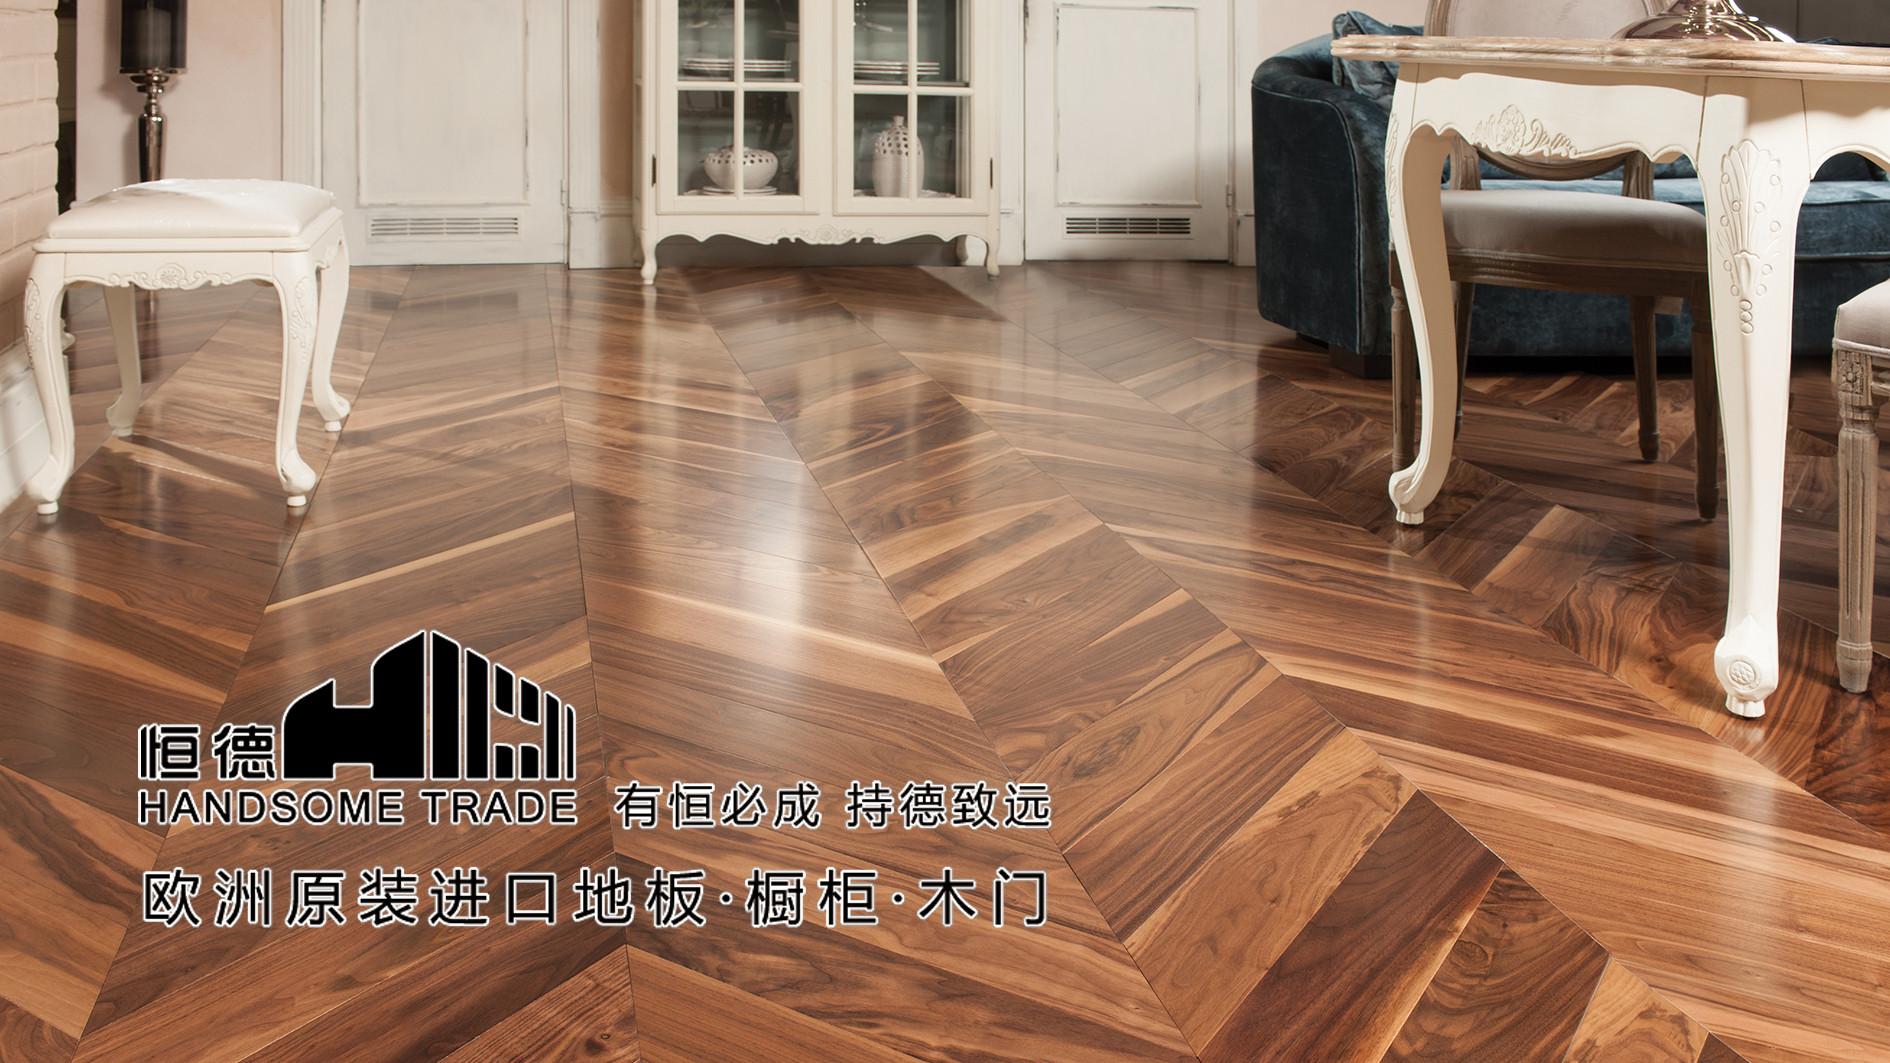 科思维克 COSWICK SOLID HARDWOOD FLOORS